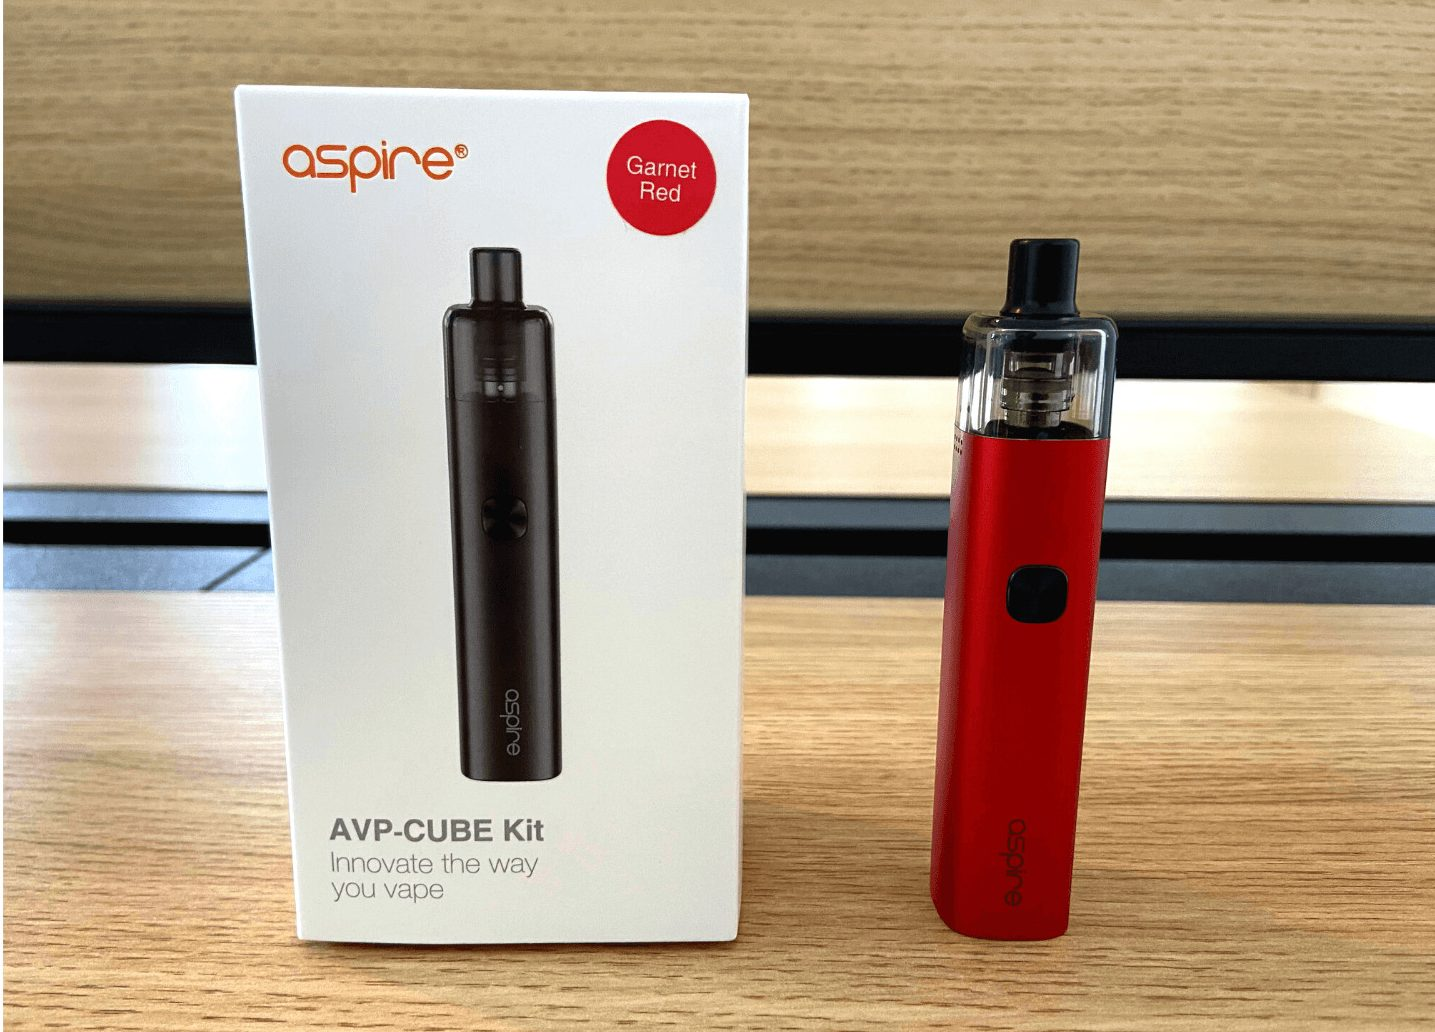 まとめ:Aspire AVP CUBEは本格的な吸いごたえを味わえる良質デバイス!